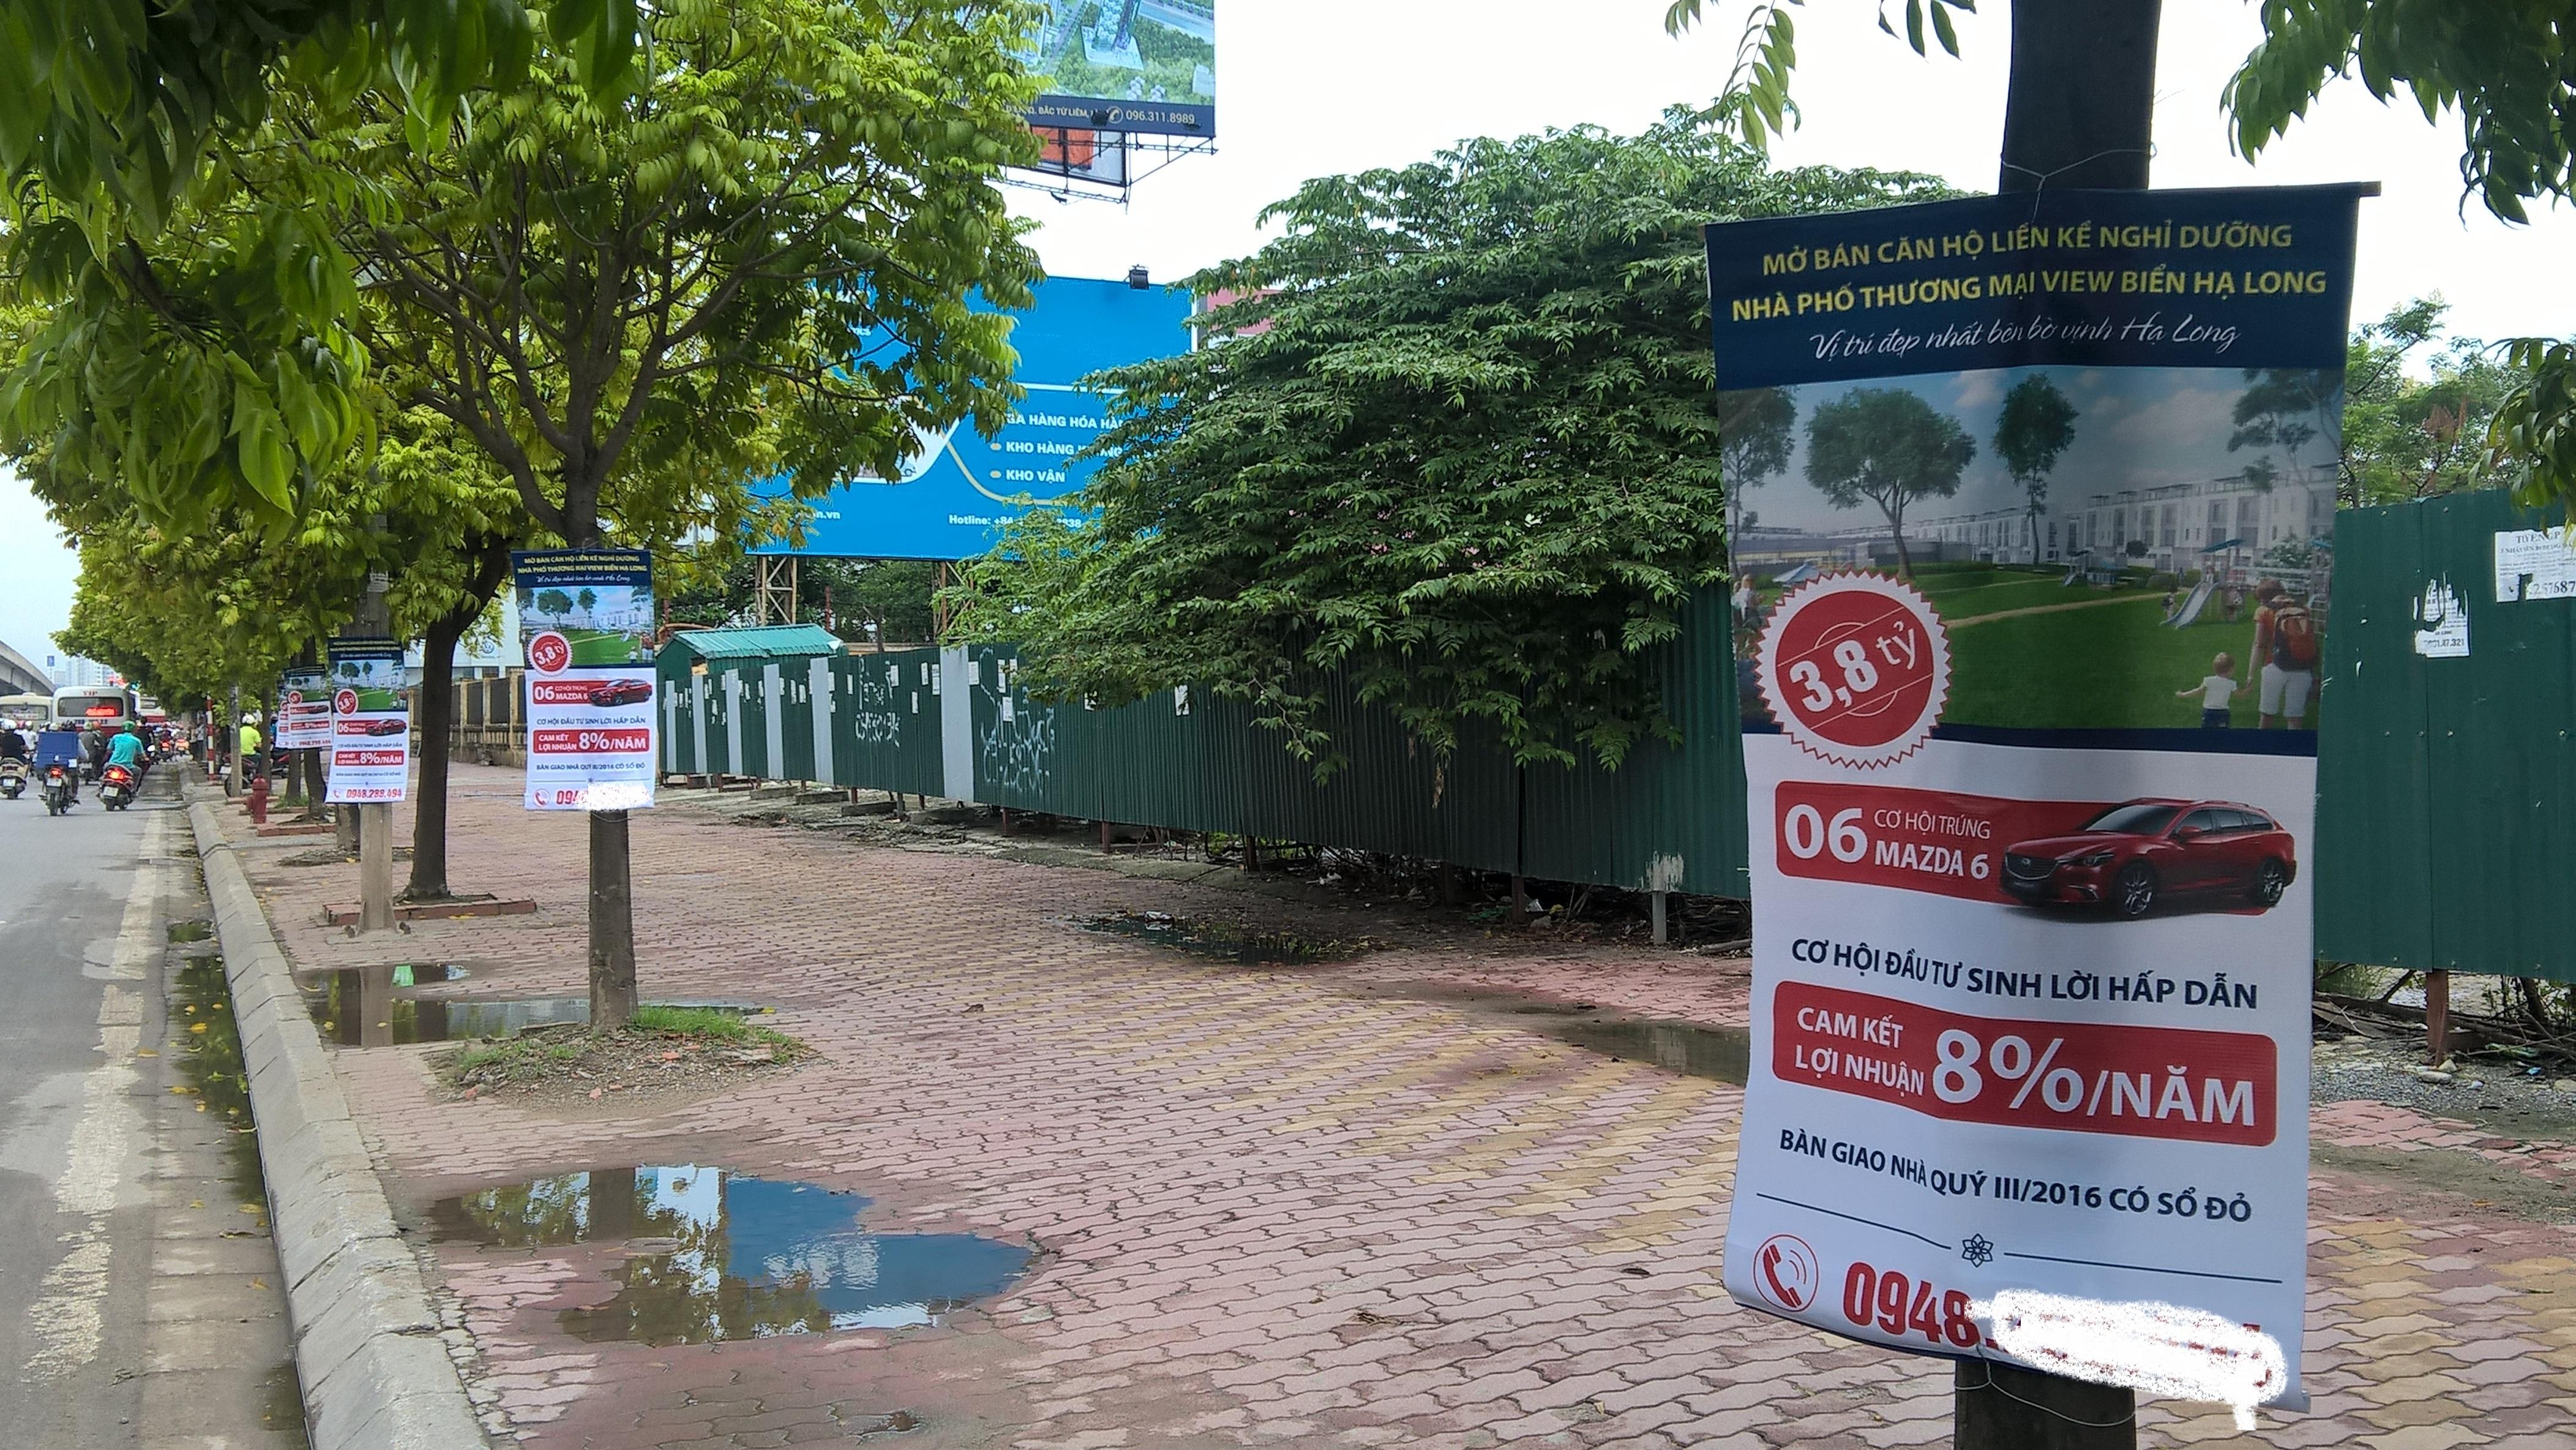 Dự án bất động sản bán kiểu bia kèm lạc treo đầy đường Hà Nội, nhưng theo giới bất động sản, nhiều căn hộ khuyến mãi là do cá nhân người bán đưa ra